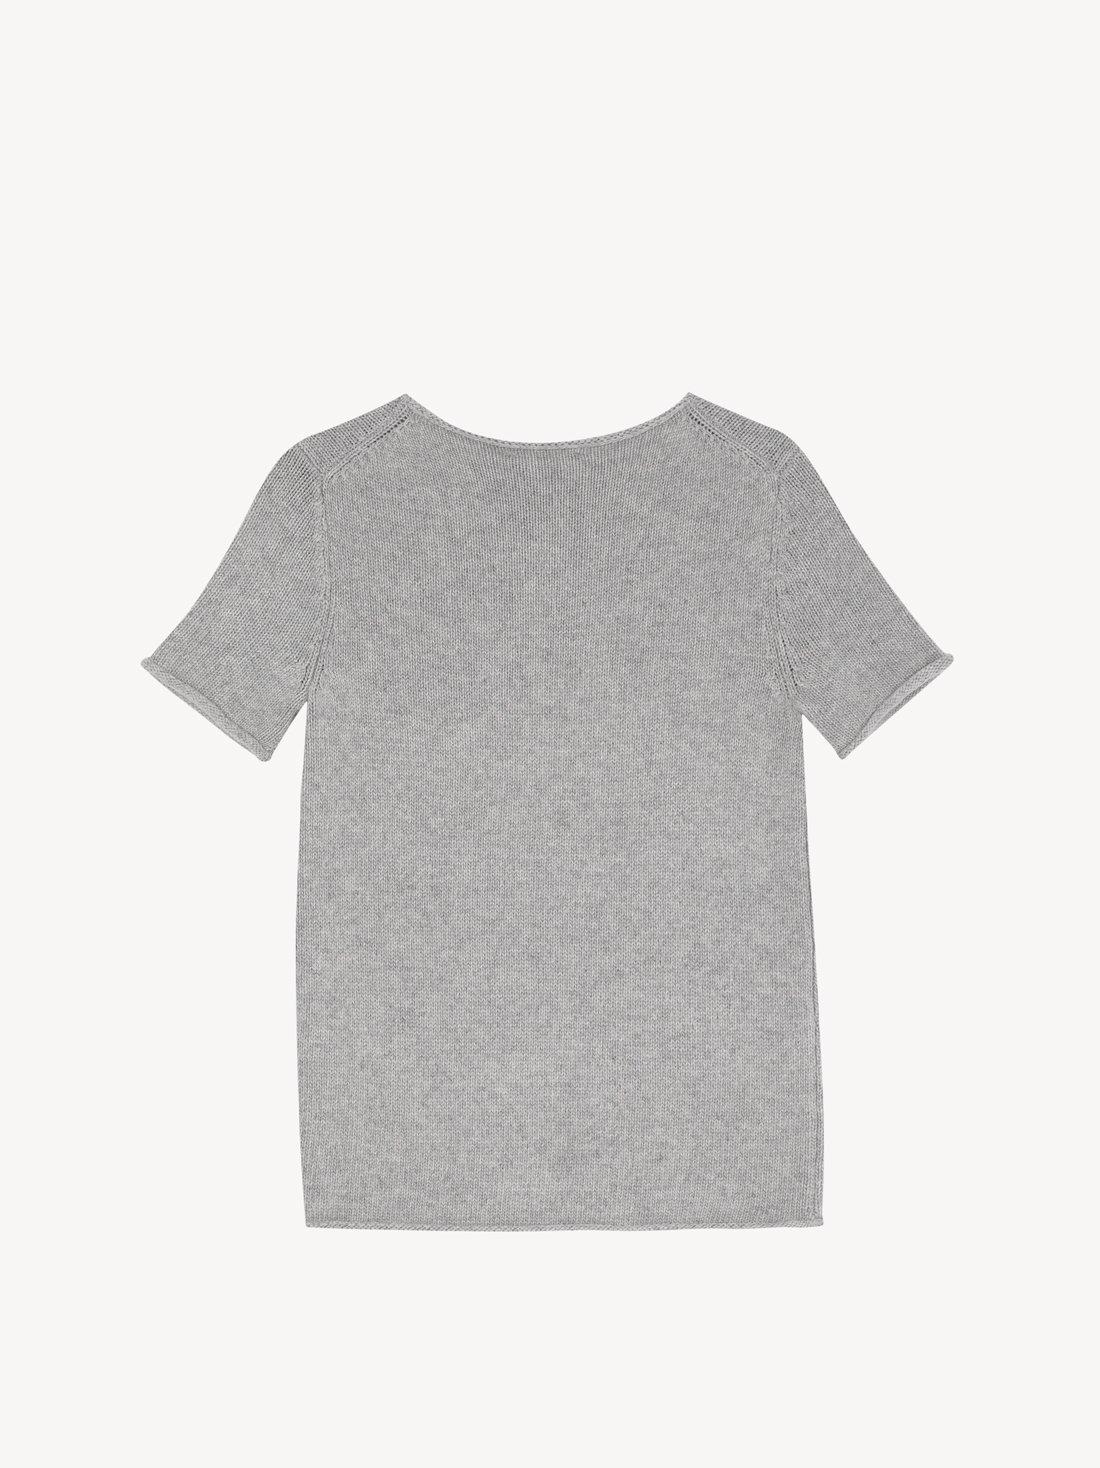 231|0171|219 серый меланж